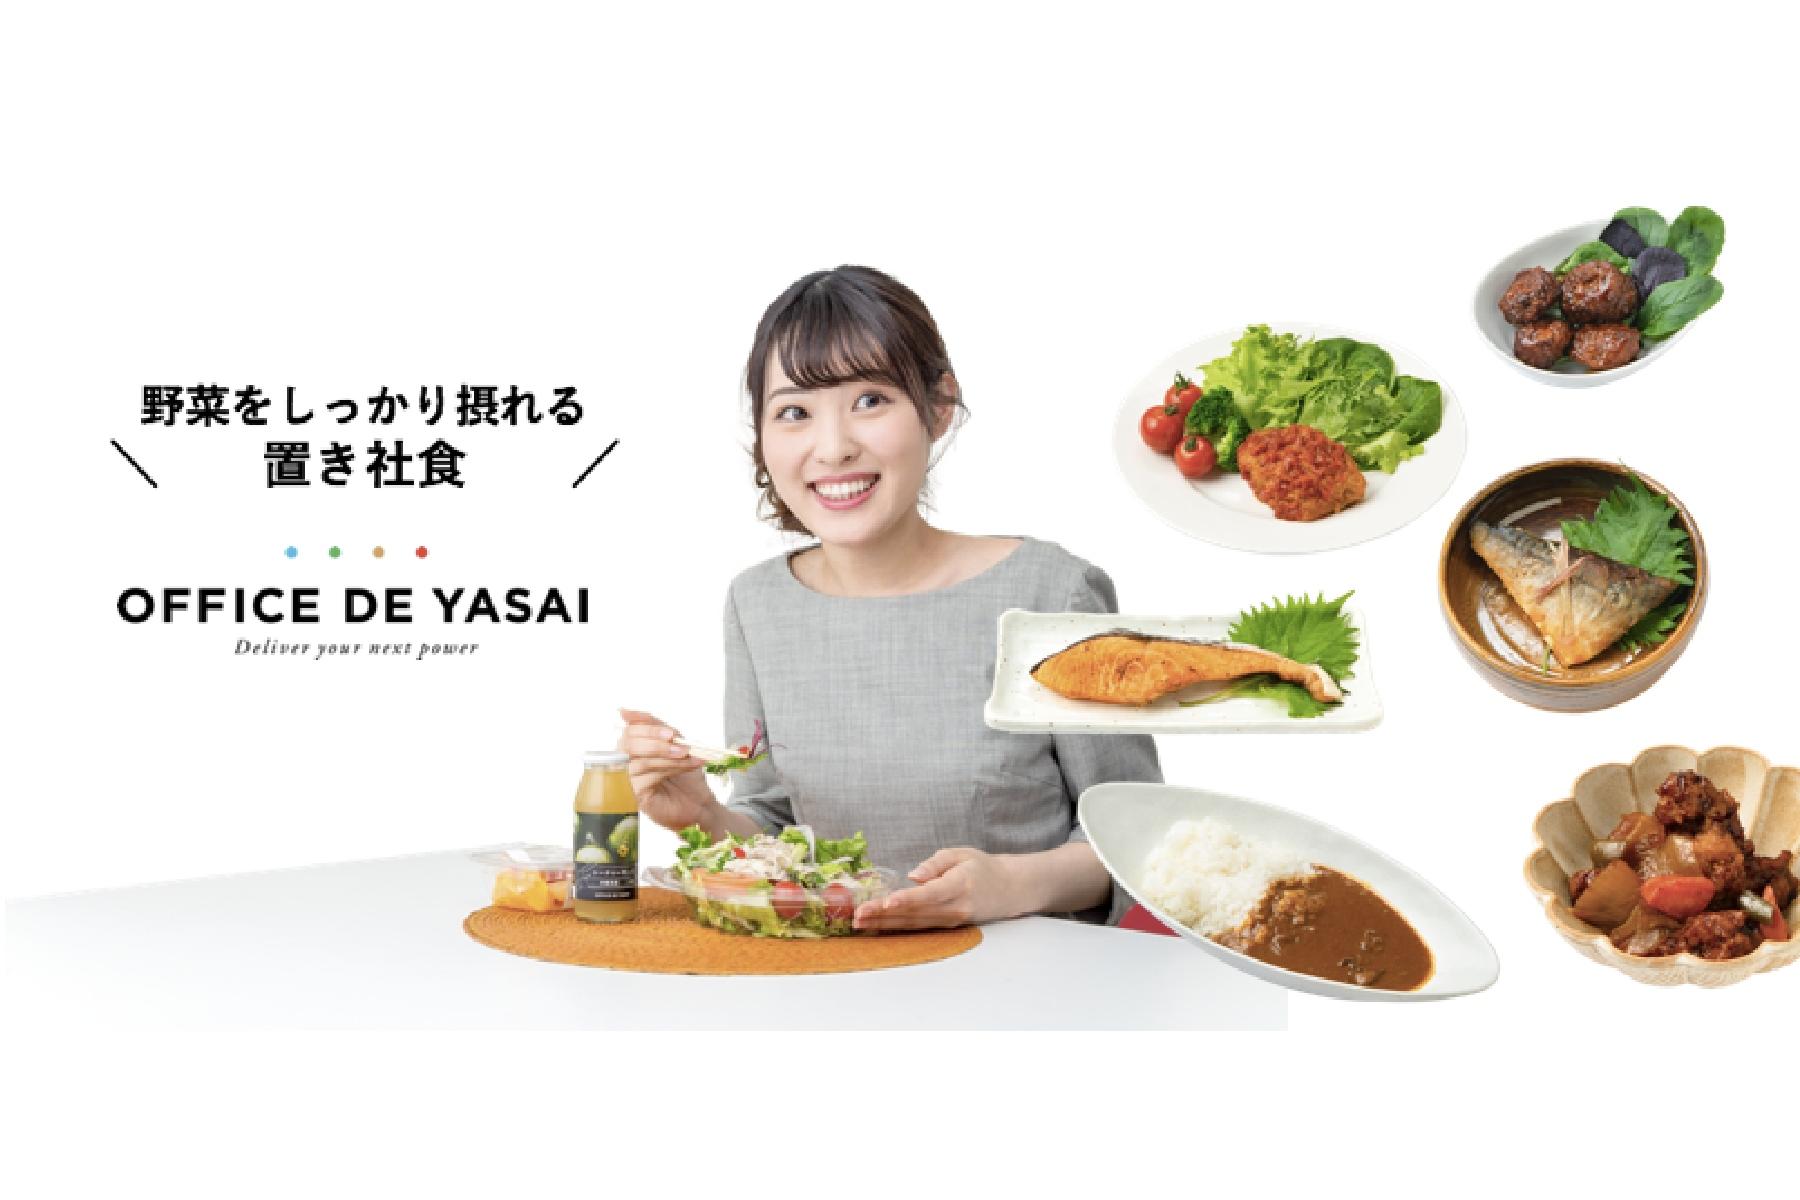 オフィス向け置き社食サービスを運営するKOMPEITO、4億円の資金調達を実施